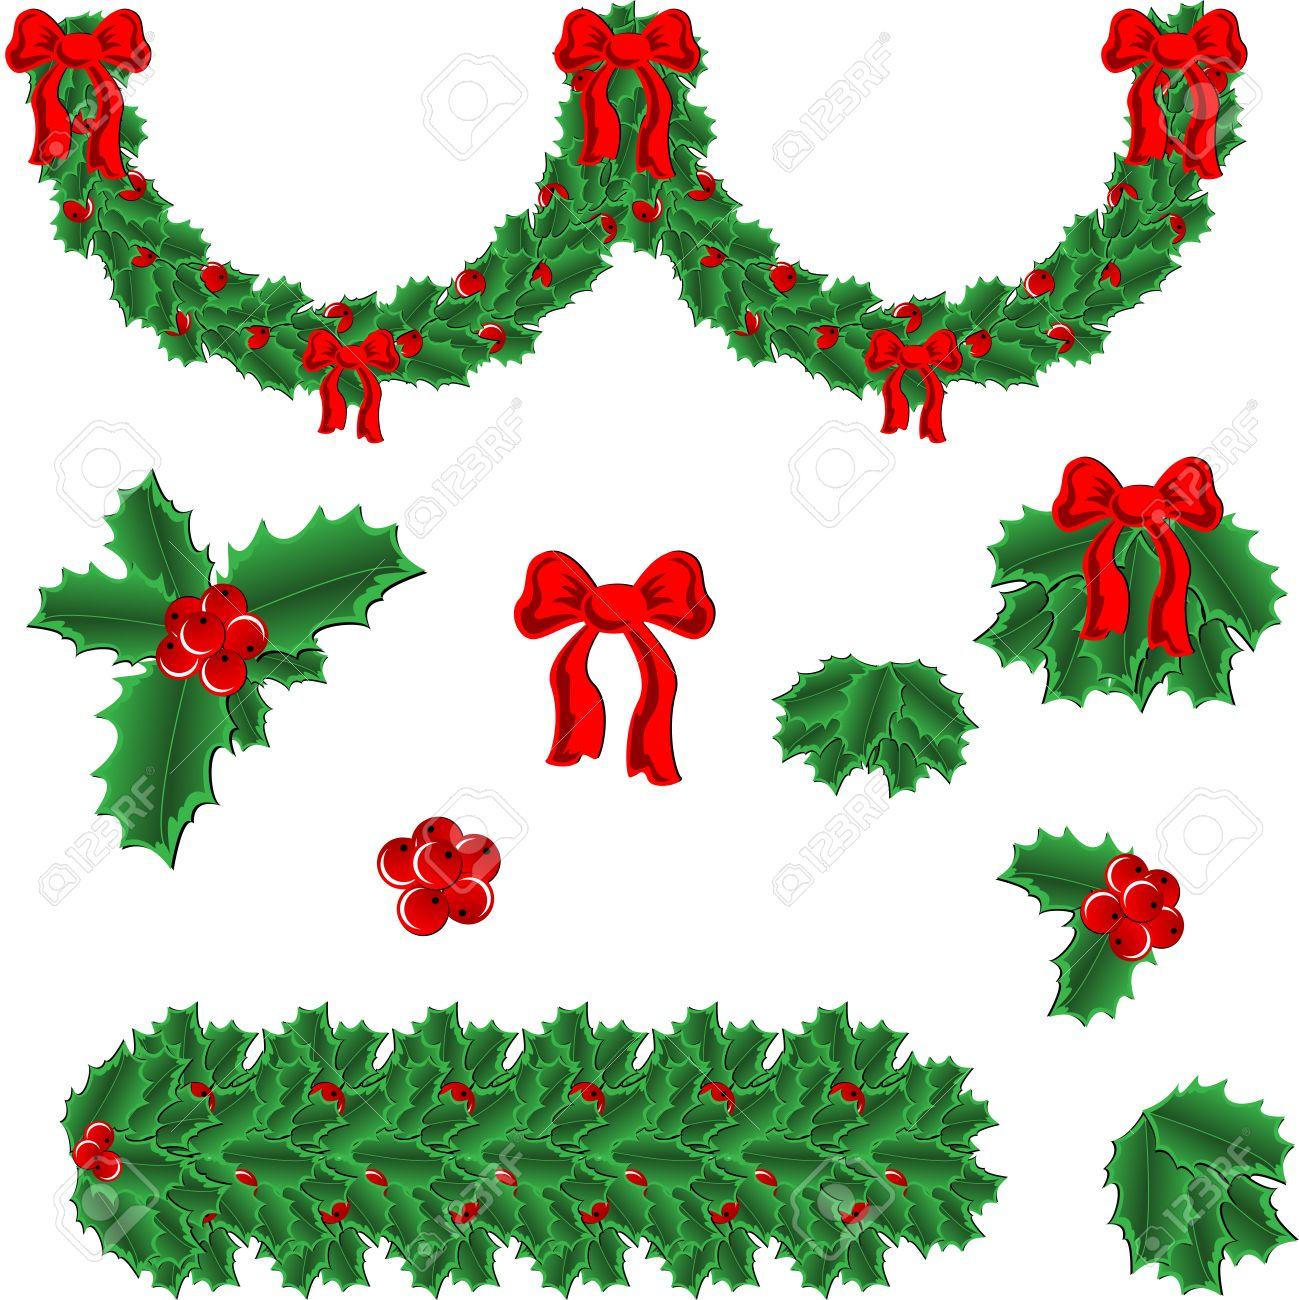 guirnalda de un vector y elementos del marco para decoracin de navidad de acebo foto de - Guirnalda De Navidad